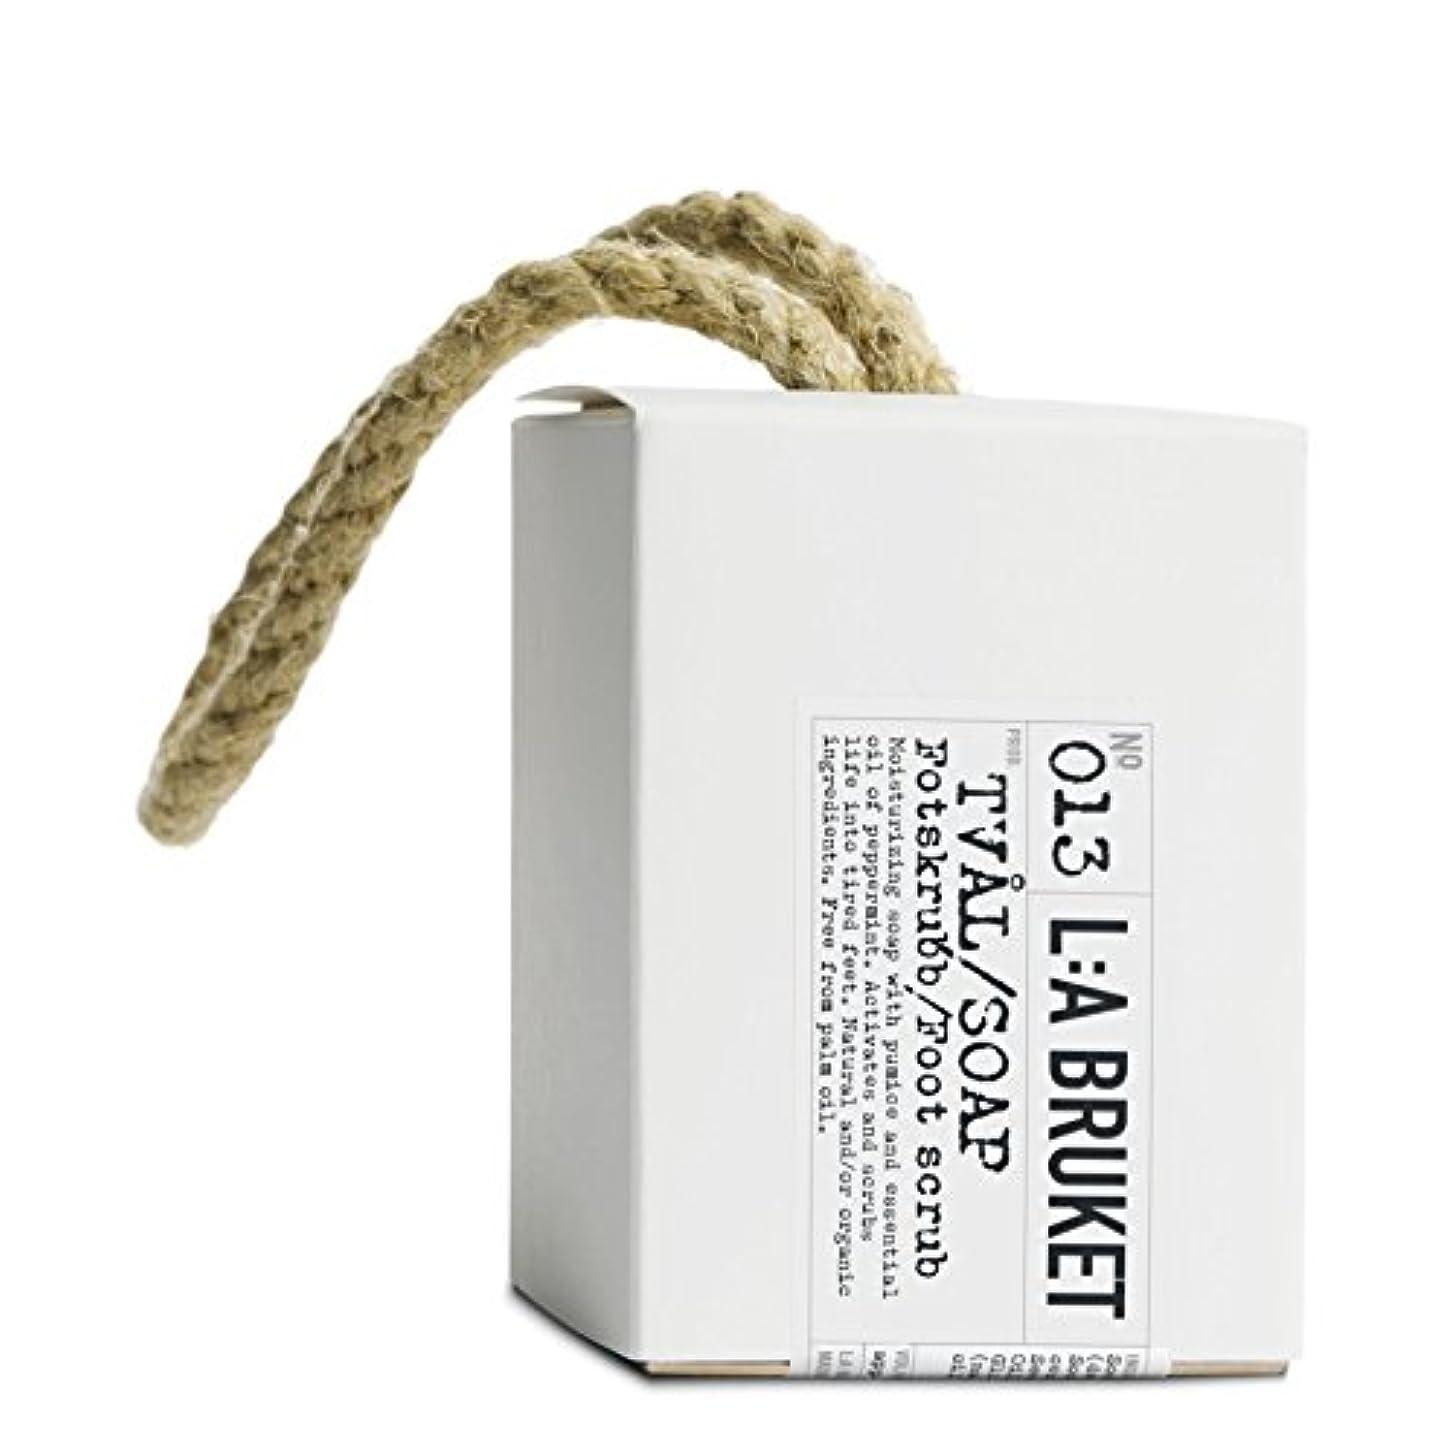 付録ショッピングセンター腰L:A Bruket Foot Scrub Soap on a Roap 240g - :の240グラムのフットスクラブ石鹸 [並行輸入品]